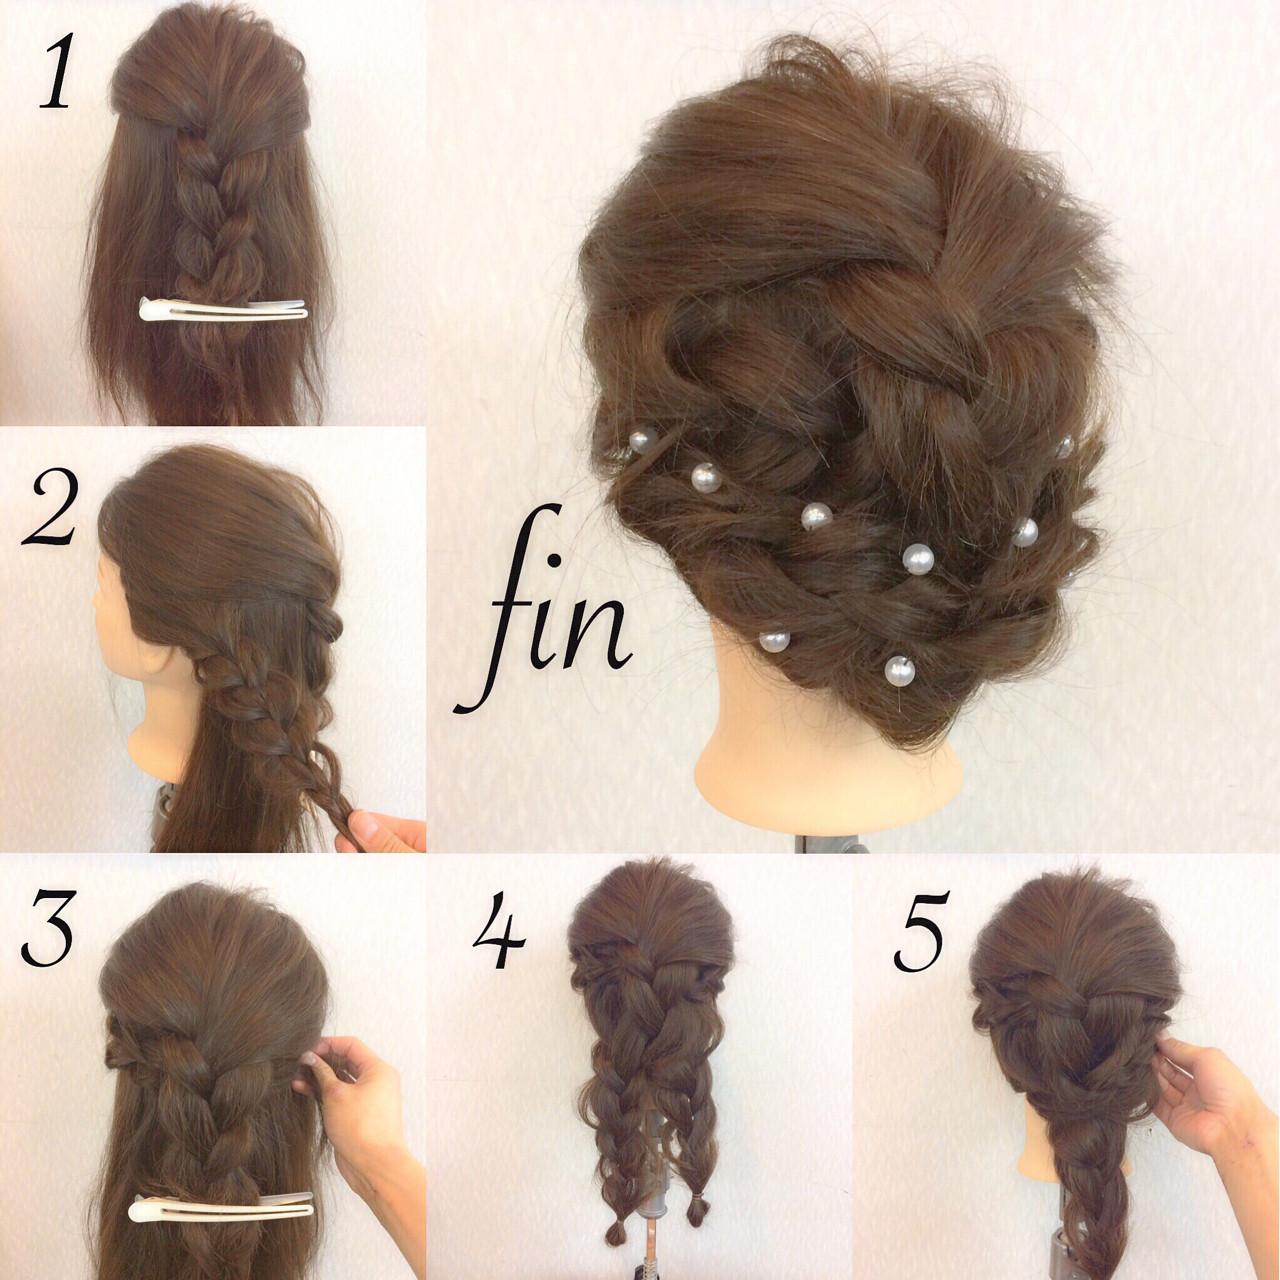 三つ編みだけで作れる簡単まとめ髪 ヤマナカサトル  DIOR of Hair